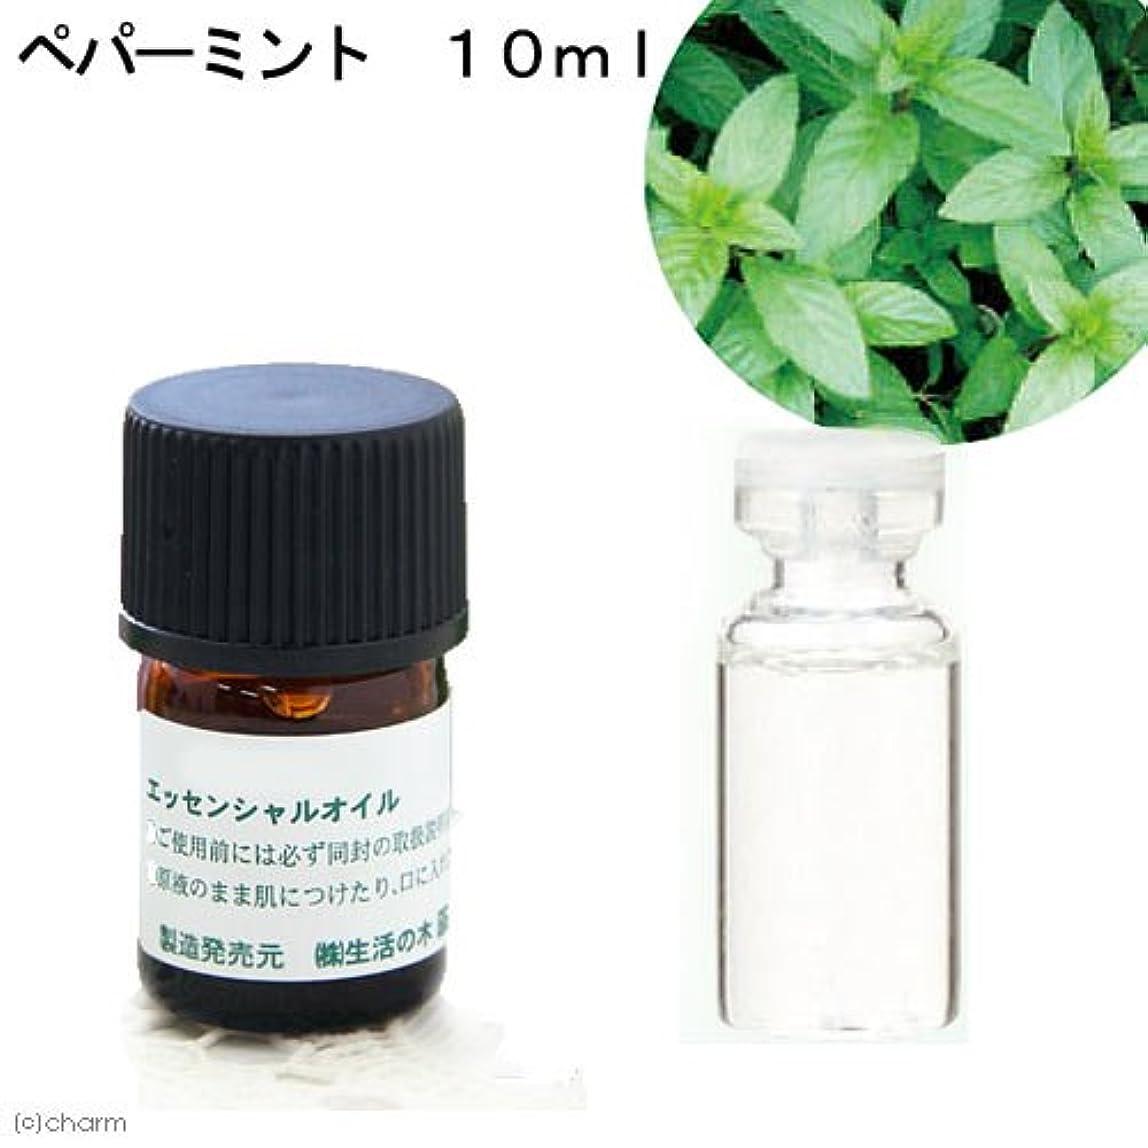 アナロジー多分納税者Herbal Life ペパーミント 10ml